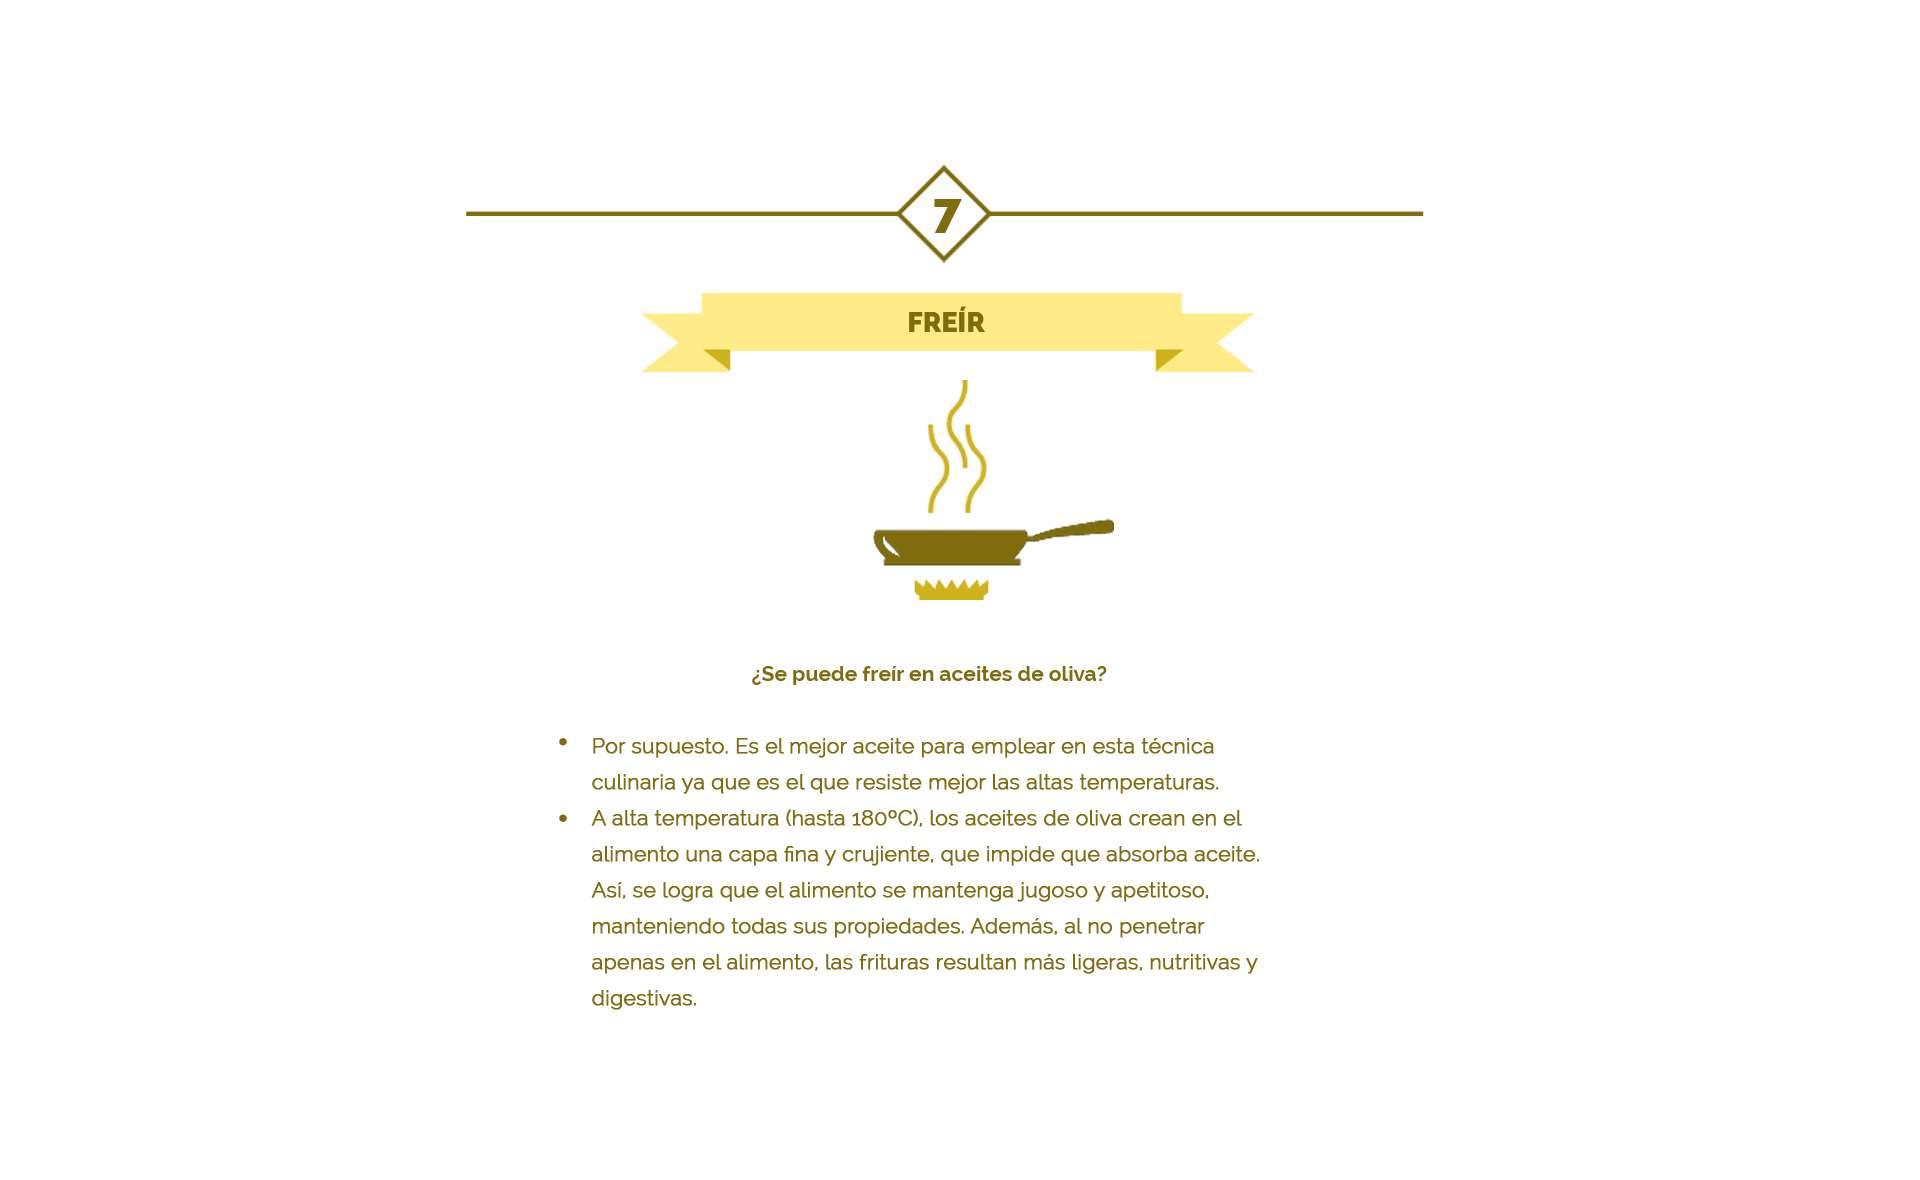 temperatura freir aceite de oliva